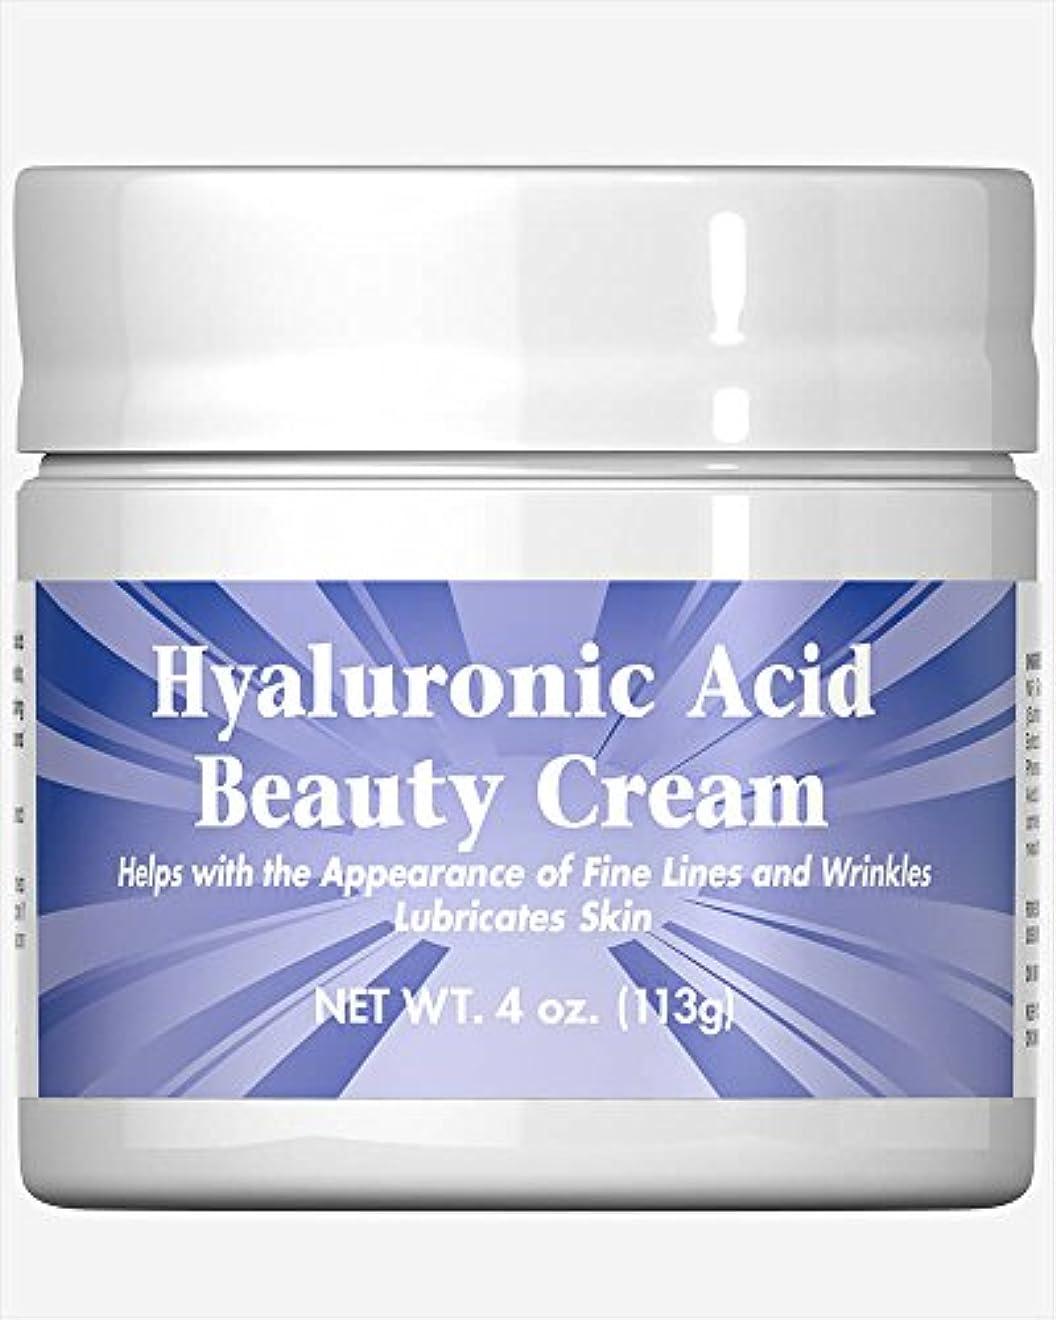 内側二であるピュリタン自慢のヒアルロン酸美容クリーム4オンスクリーム1パック Puritan's Hyaluronic Acid Beauty Cream 4 oz Cream 1 Pack